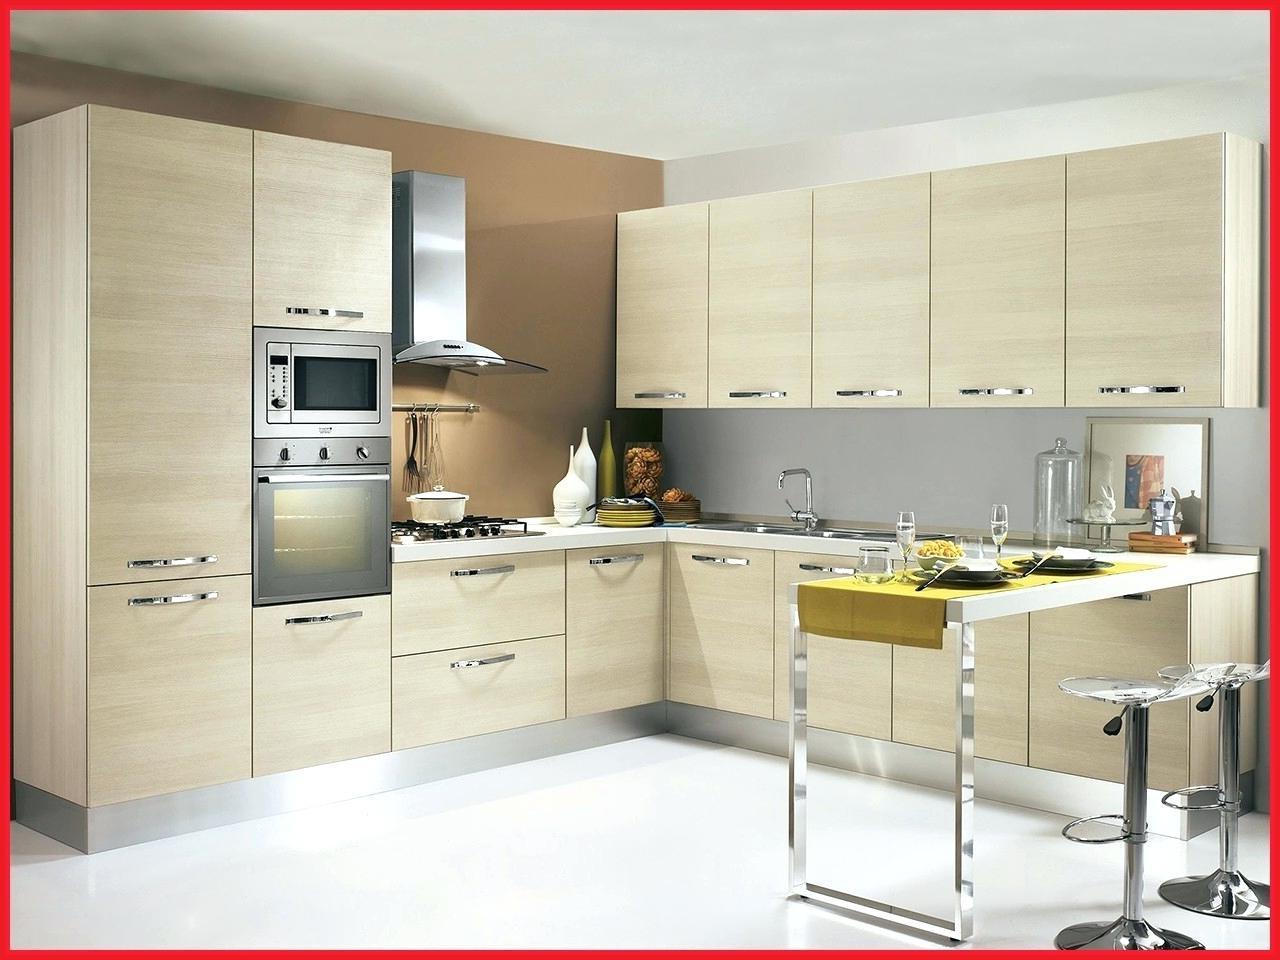 Muebles De Cocina Baratos Barcelona | Muebles De Cocina Rusticos ...